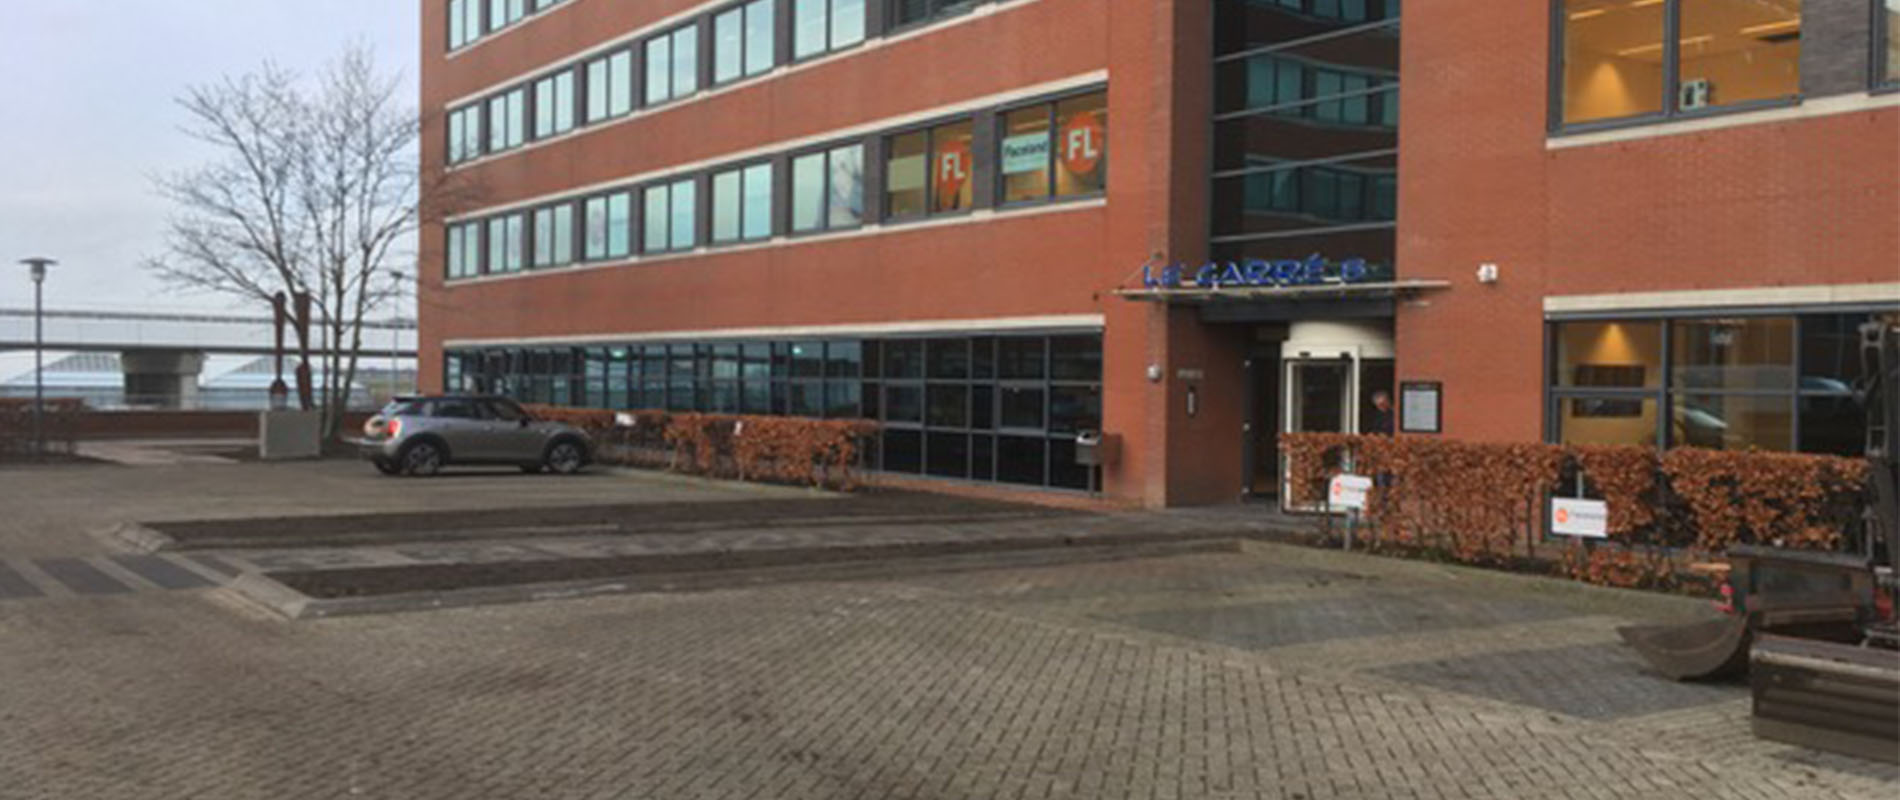 Renovatie kantoortuin en parkeerdek